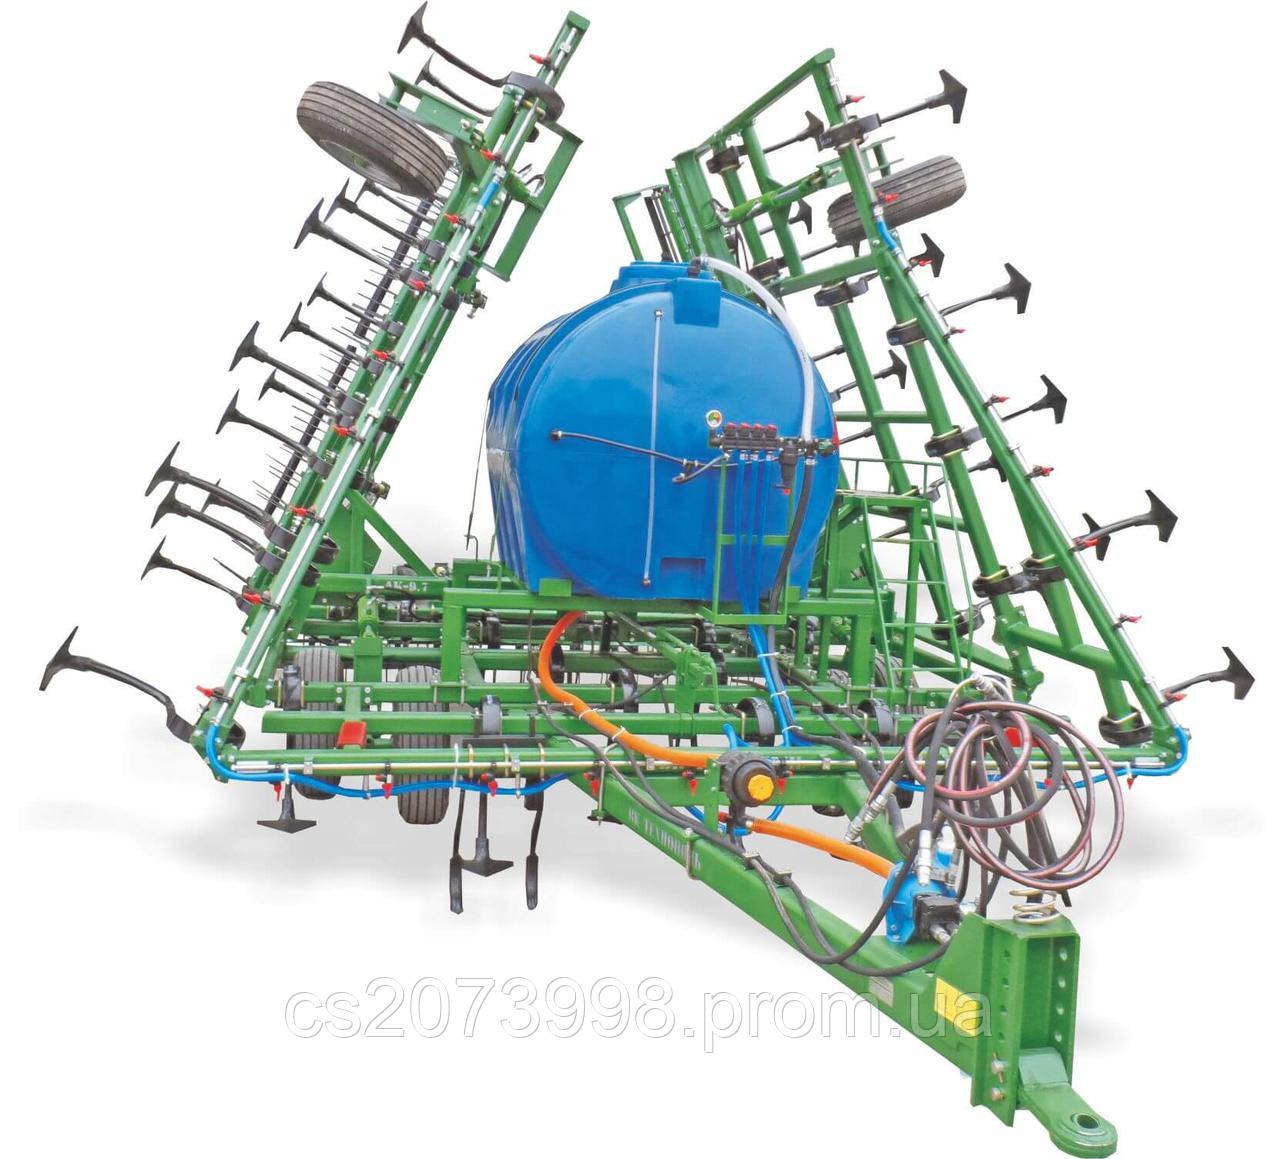 Культиватор сплошной обработки АК-9.7м с внесением жидких удобрений/грунтовых гербицидов